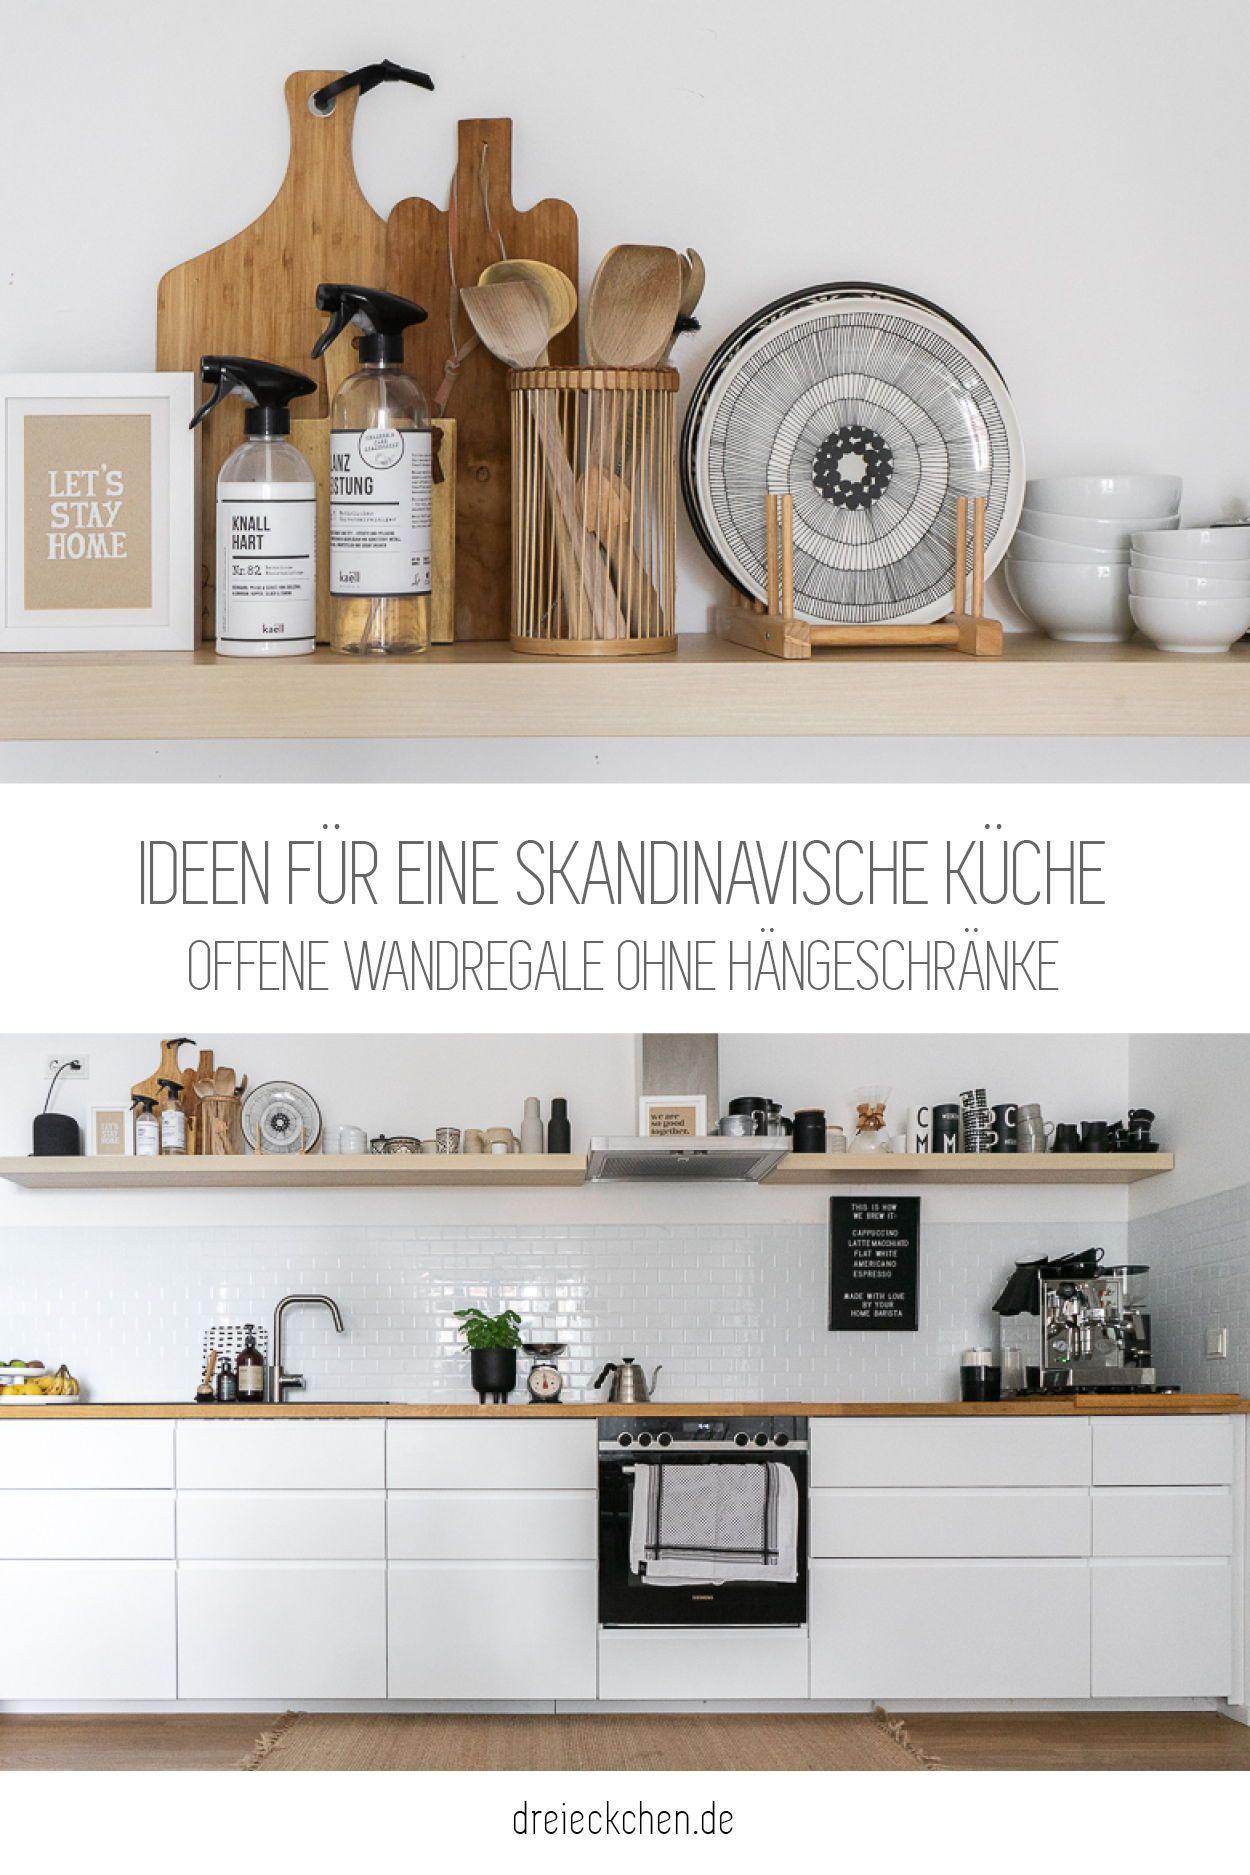 Ideen für eine skandinavische Küche   Ikea küche, Ikea regal küche ...